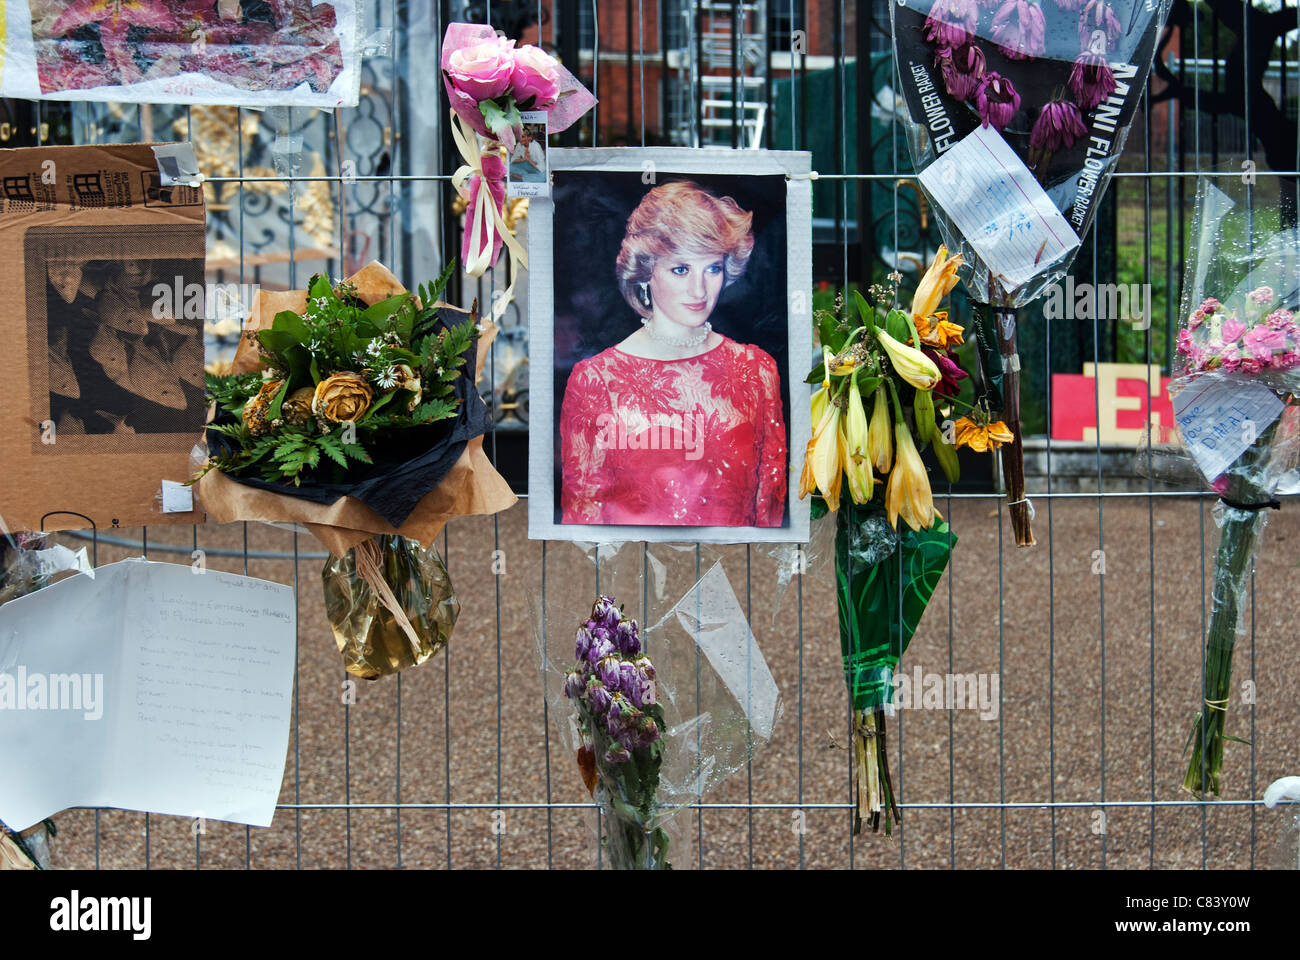 Tributes to Diana, Princess of Wales, Kensington Palace, 2011 - Stock Image